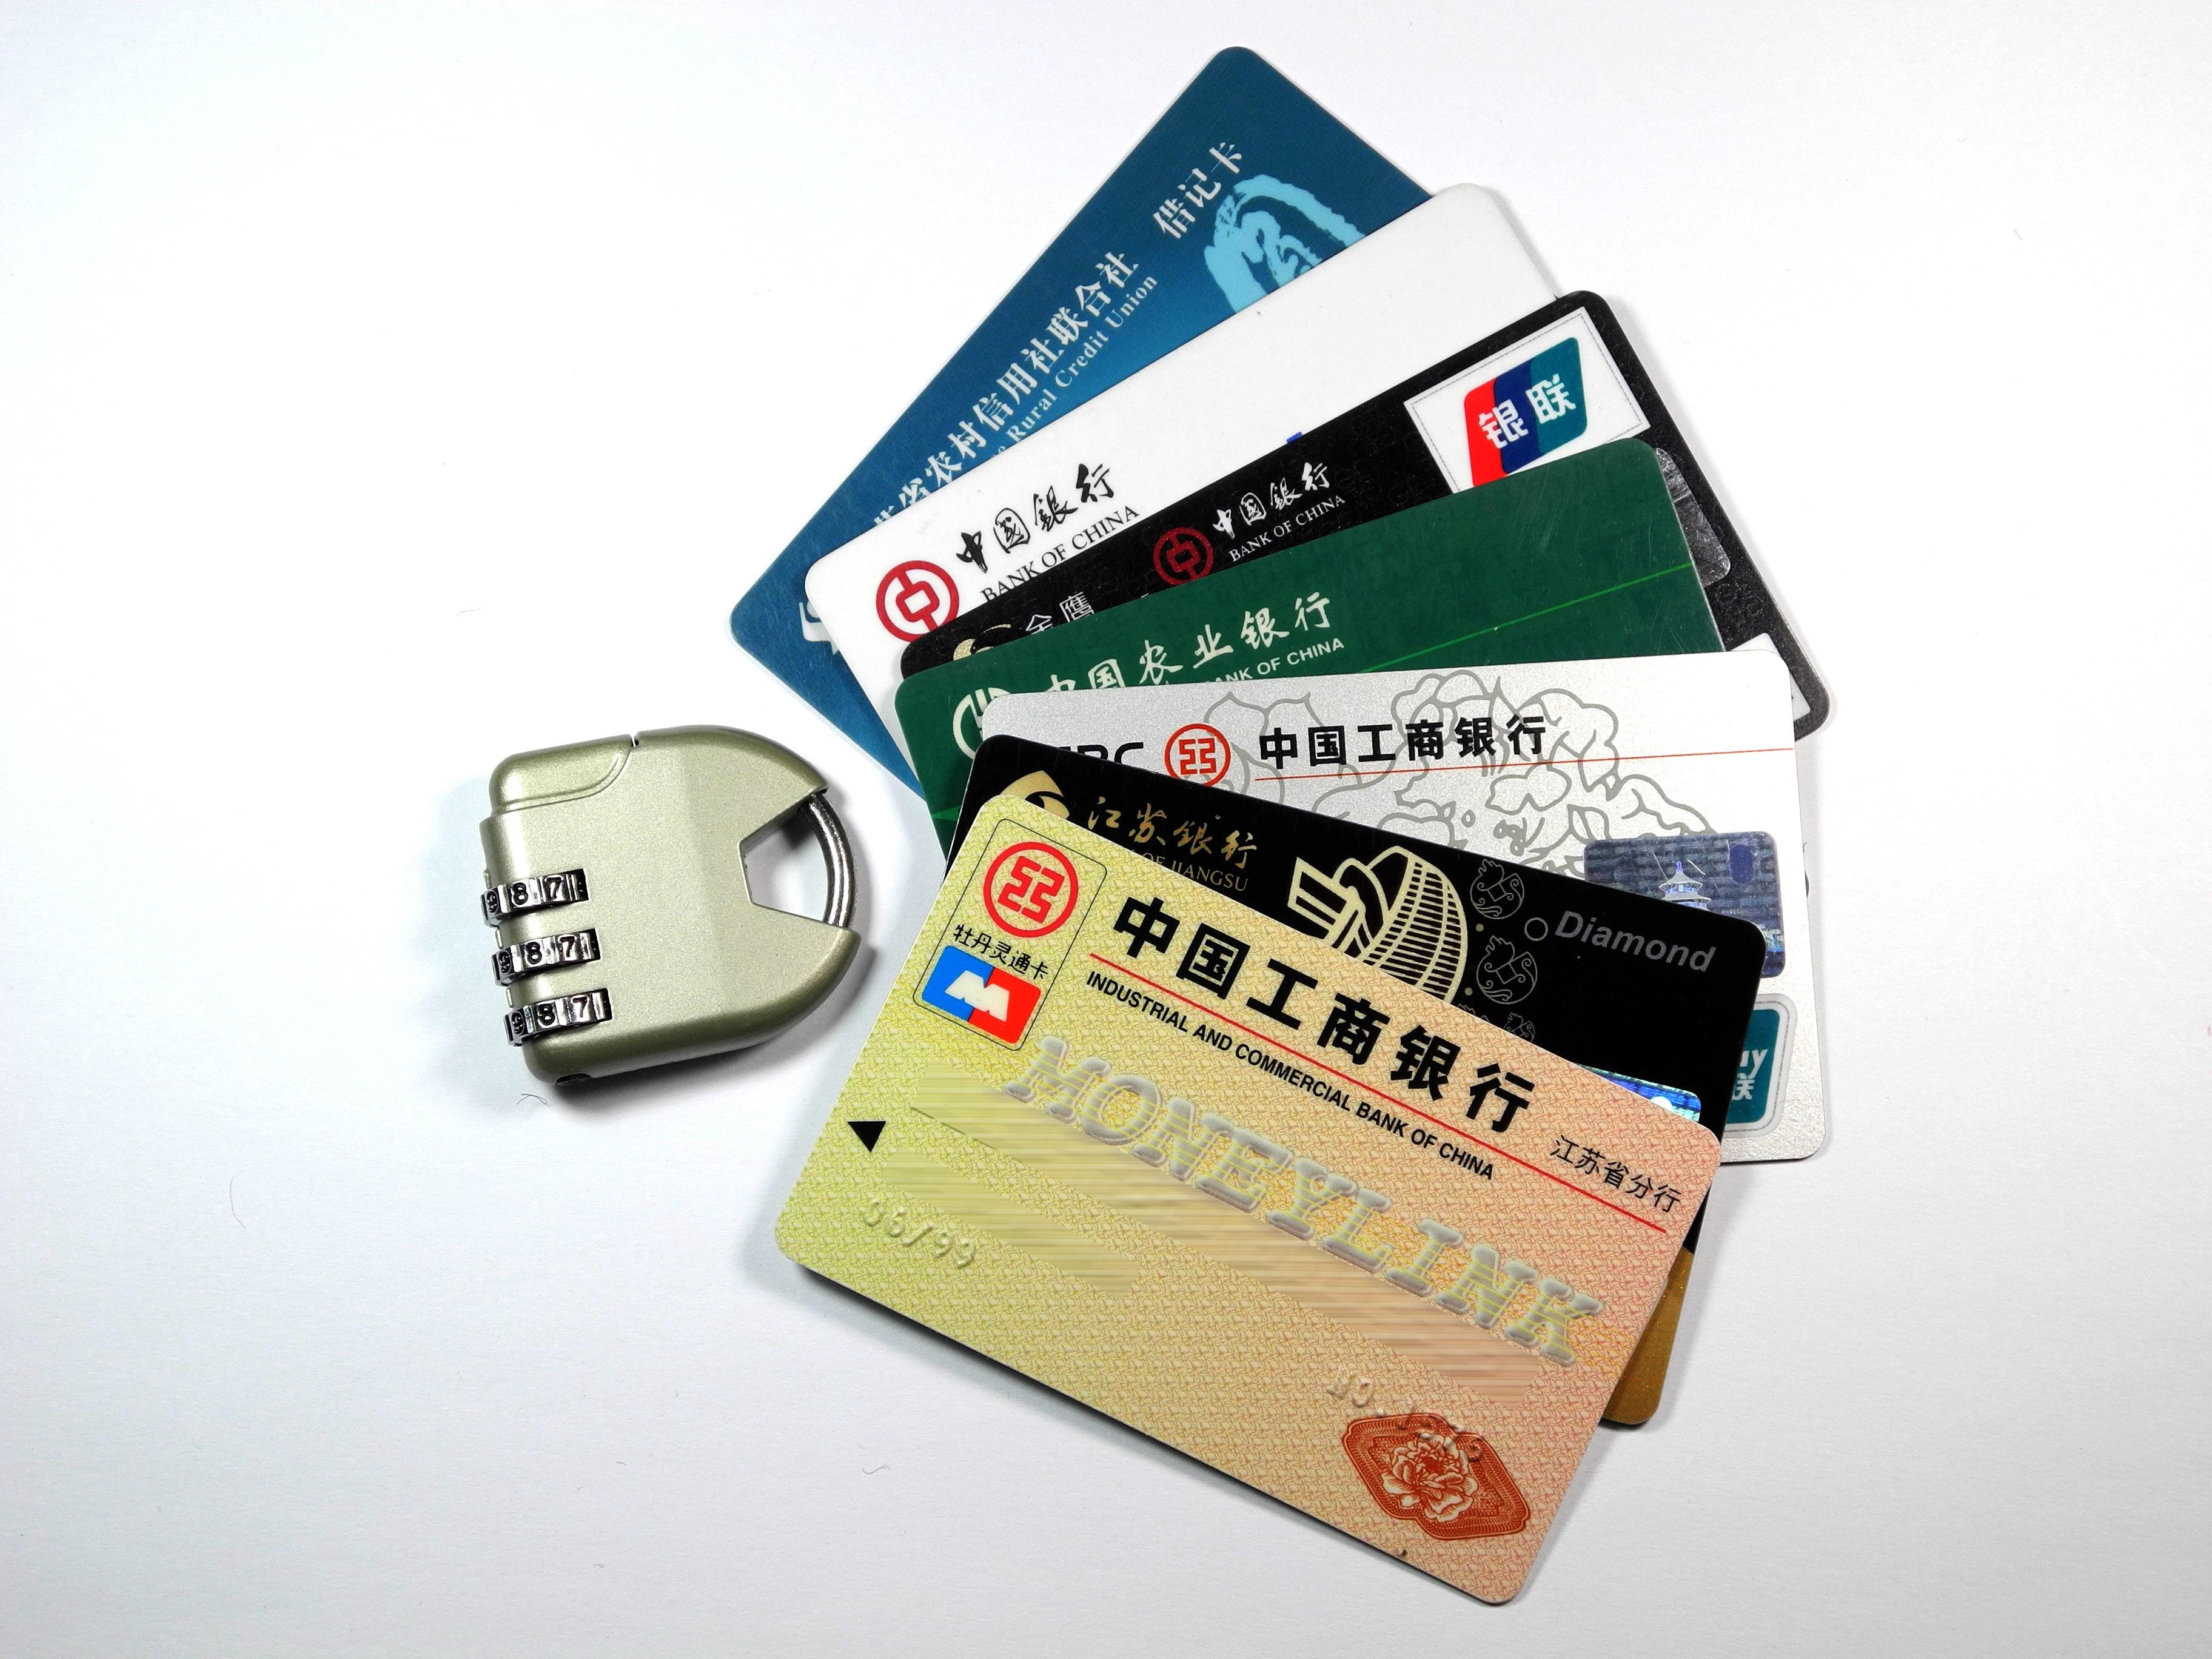 信用卡总授信100w+,曾负债100w,现开始注销信用卡!